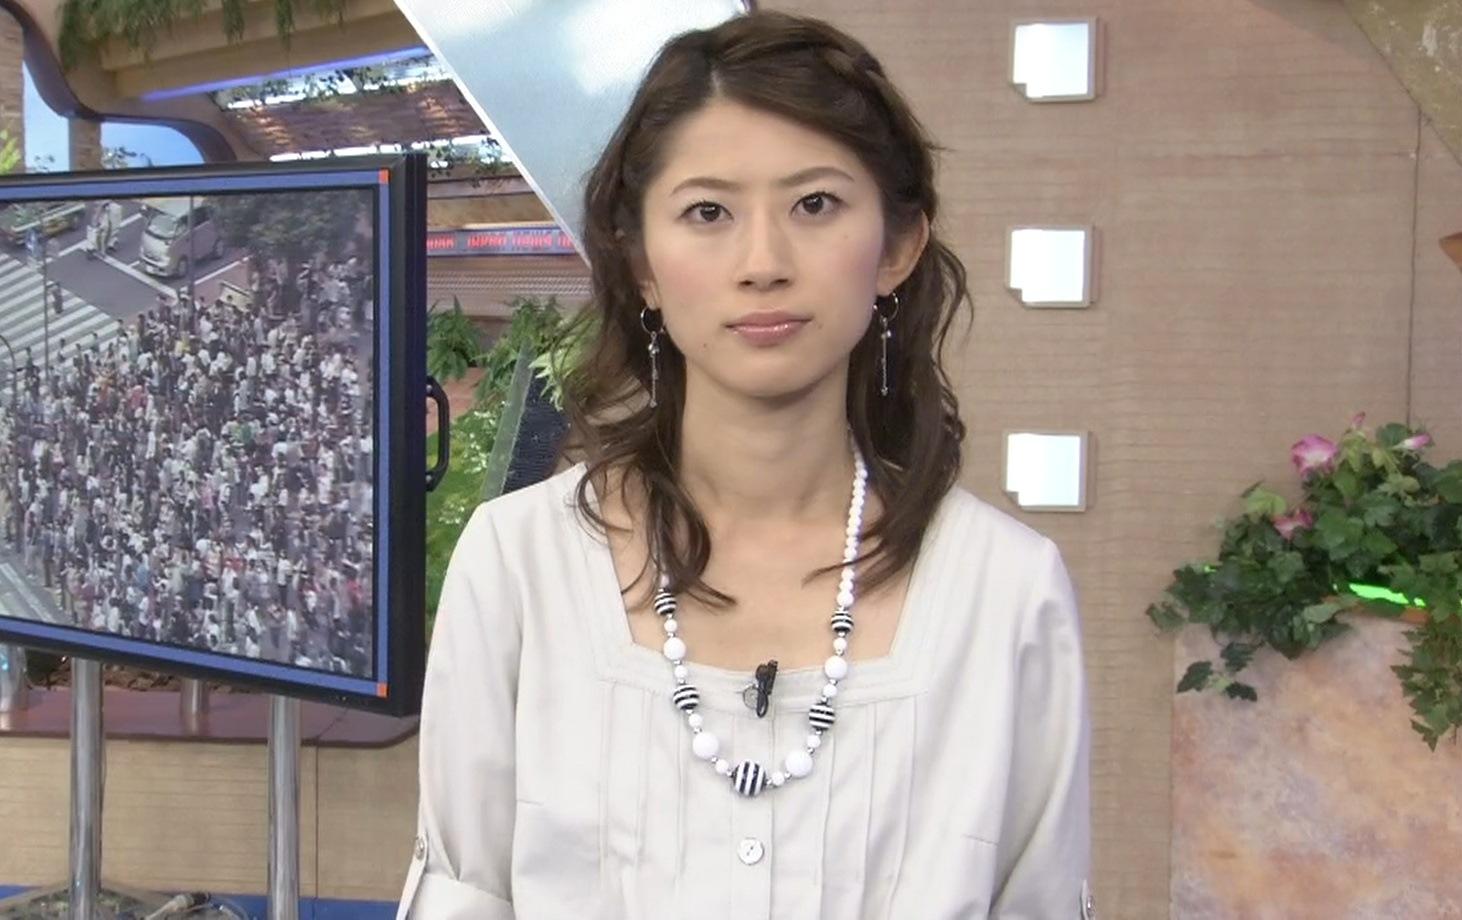 岡村仁美 TBSお天気お姉さんのミニスカートキャプ画像(エロ・アイコラ画像)